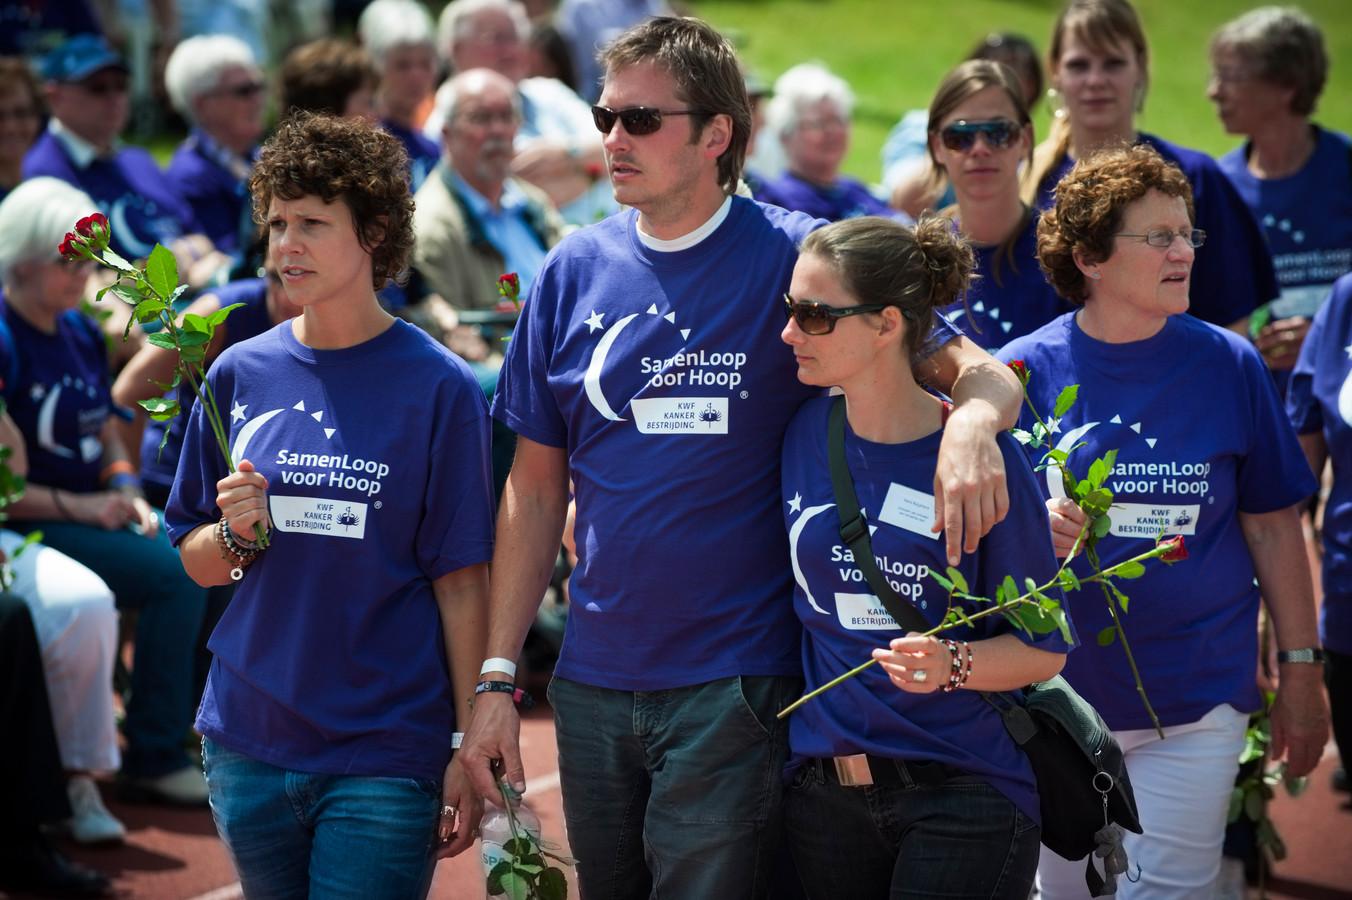 De Samenloop voor Hoop werd op meerdere plaatsen in Nederland gehouden. Begin april trok het KWF de stekker uit het evenement.